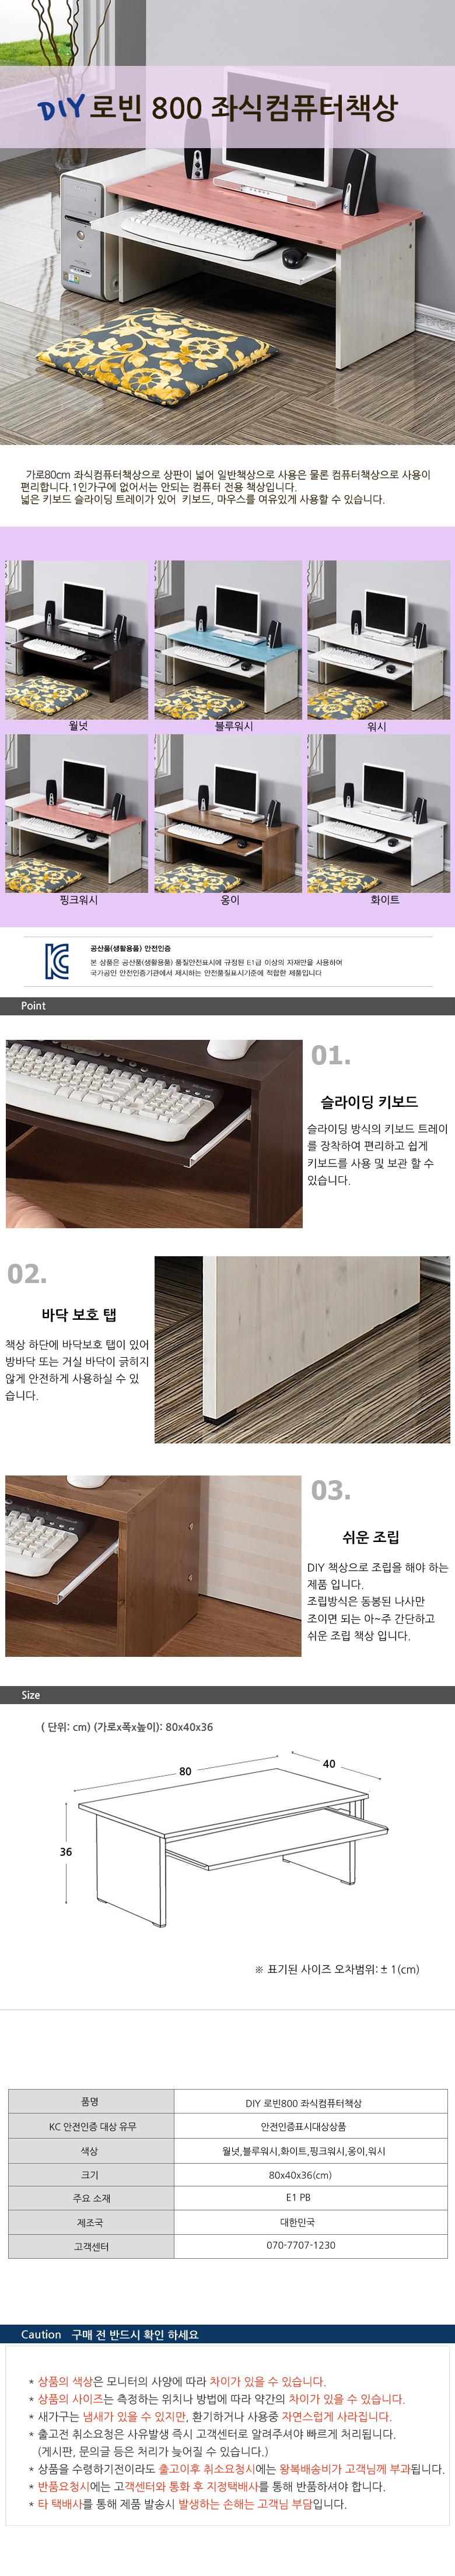 로빈800 좌식컴퓨터책상 - 아름이와다움이, 33,000원, 책상/의자, 좌식 책상